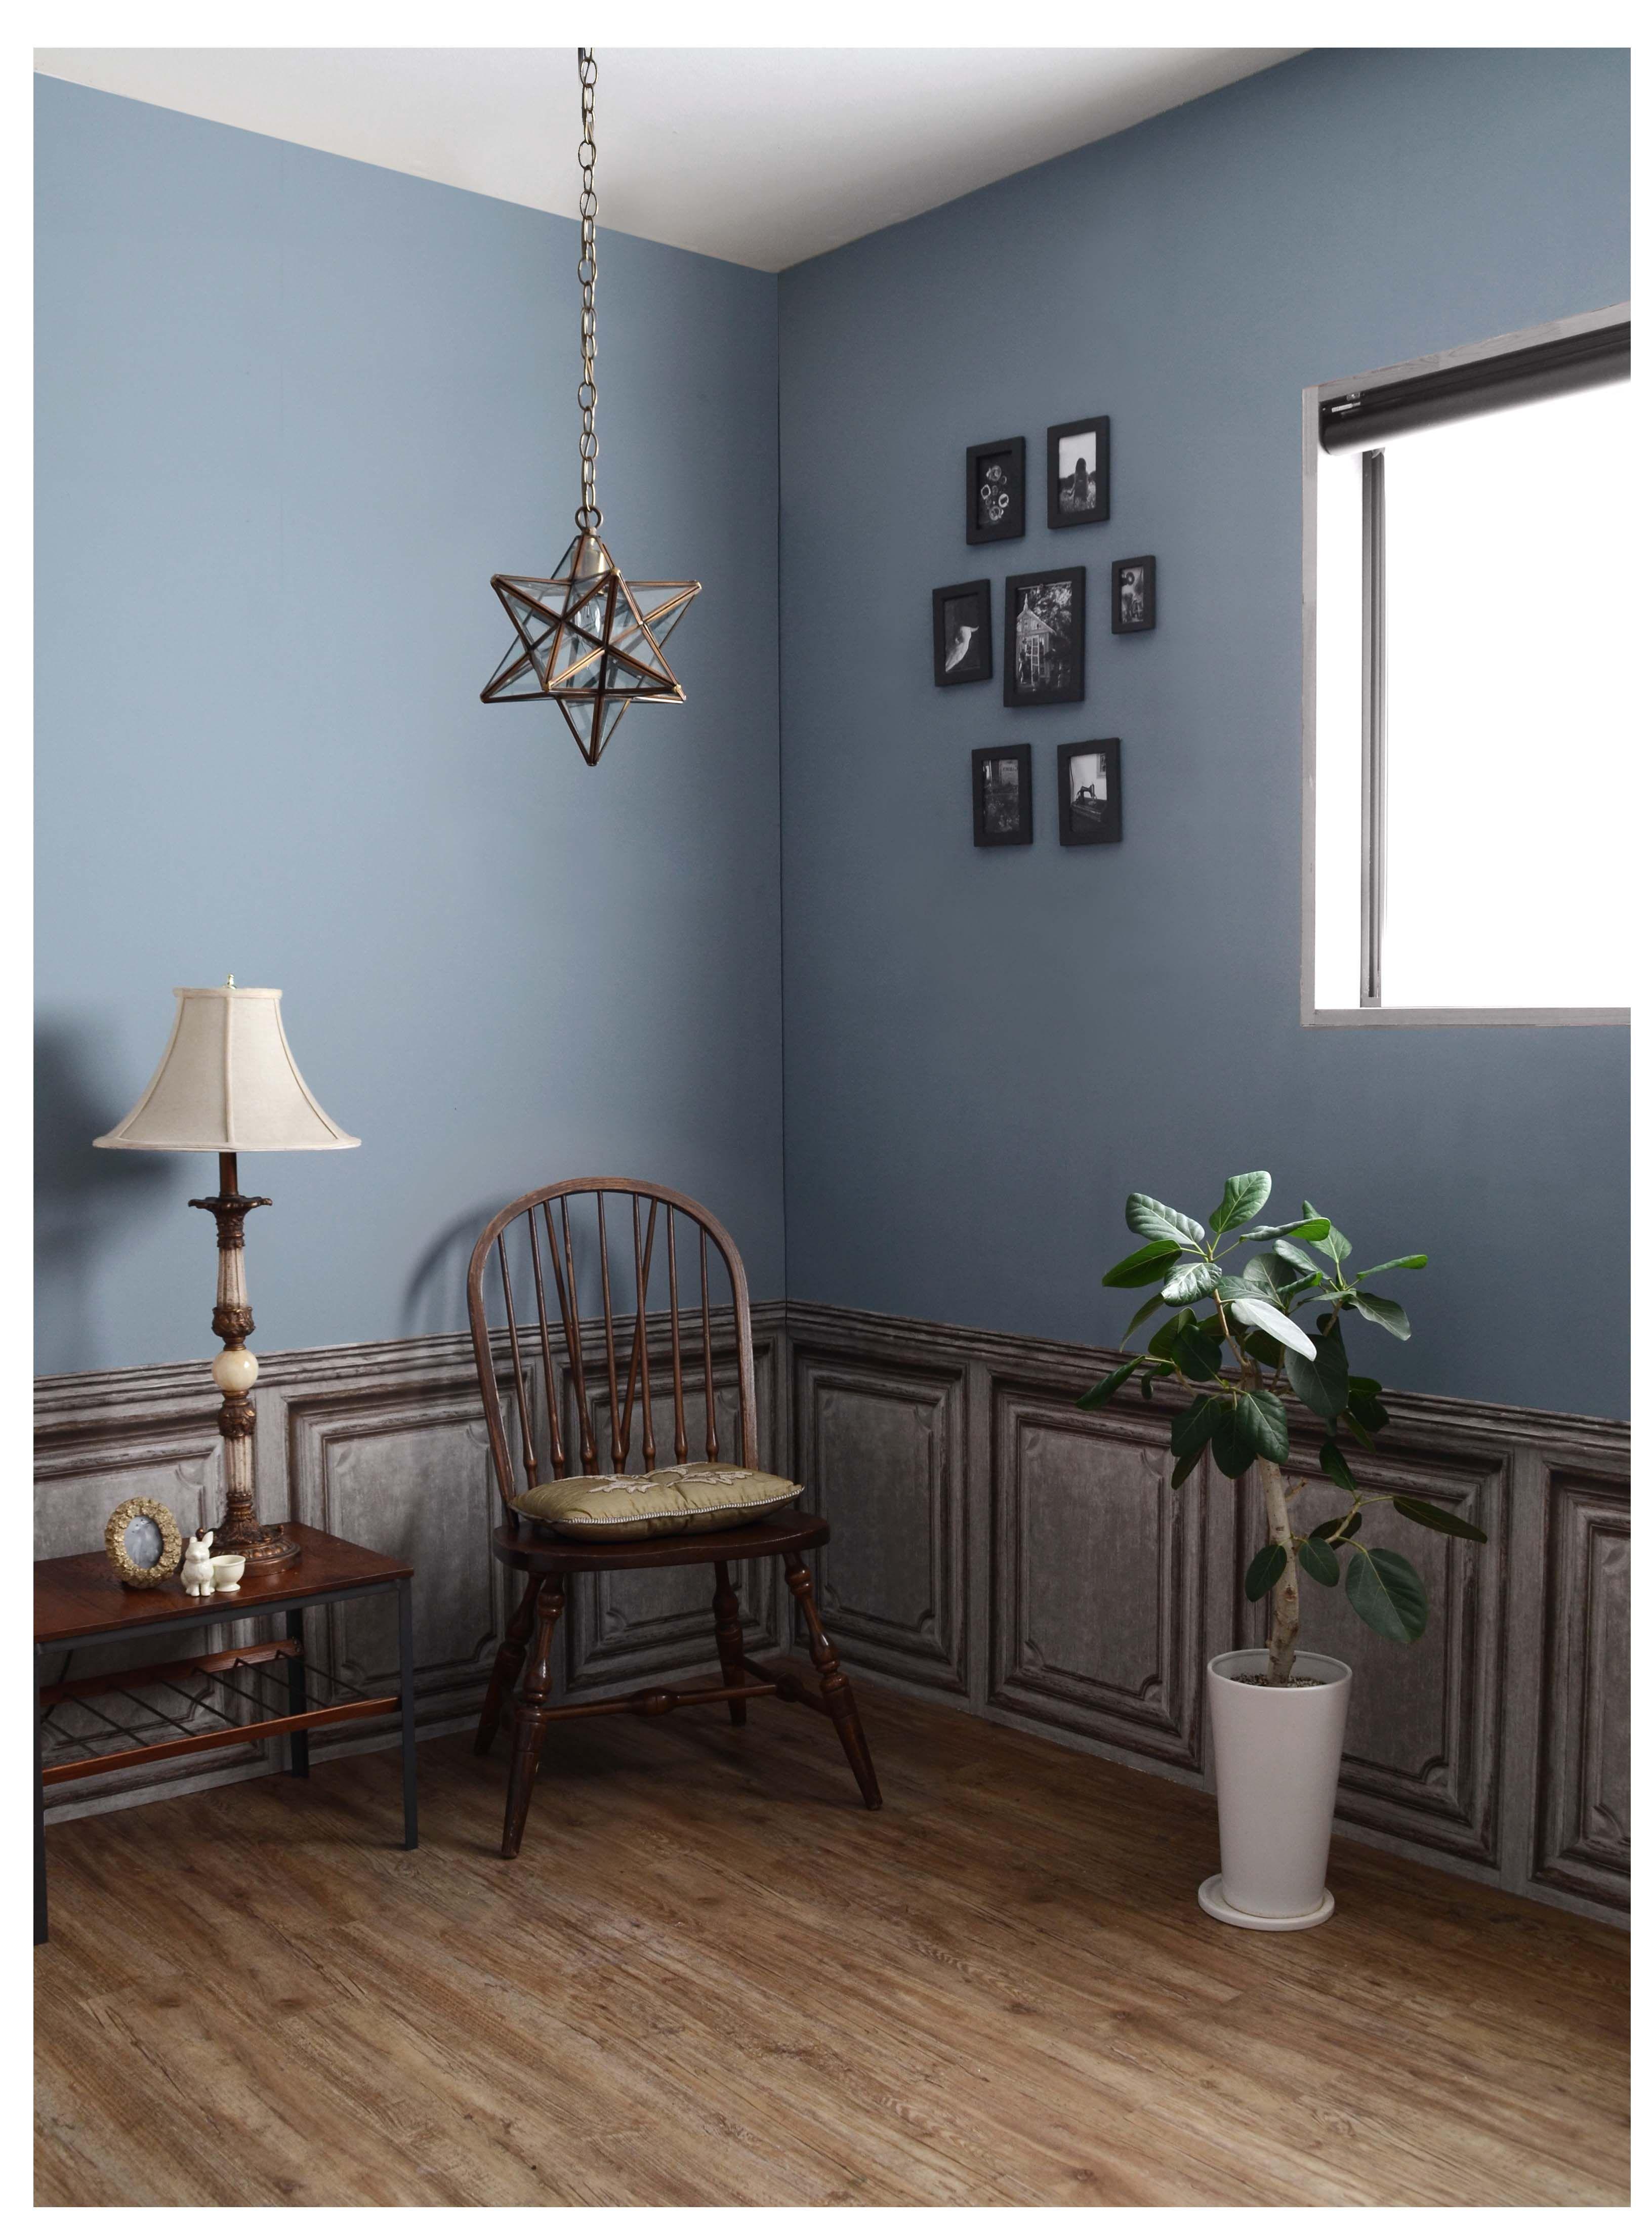 楽天市場 壁紙の上に塗れる水性ペンキイマジンブルーグレートーンペイント2l水性塗料 約12 14平米使用可能 メーカー直送商品 壁紙屋本舗 カベガミヤホンポ インテリア ブルーグレー インテリア インテリア ブルー